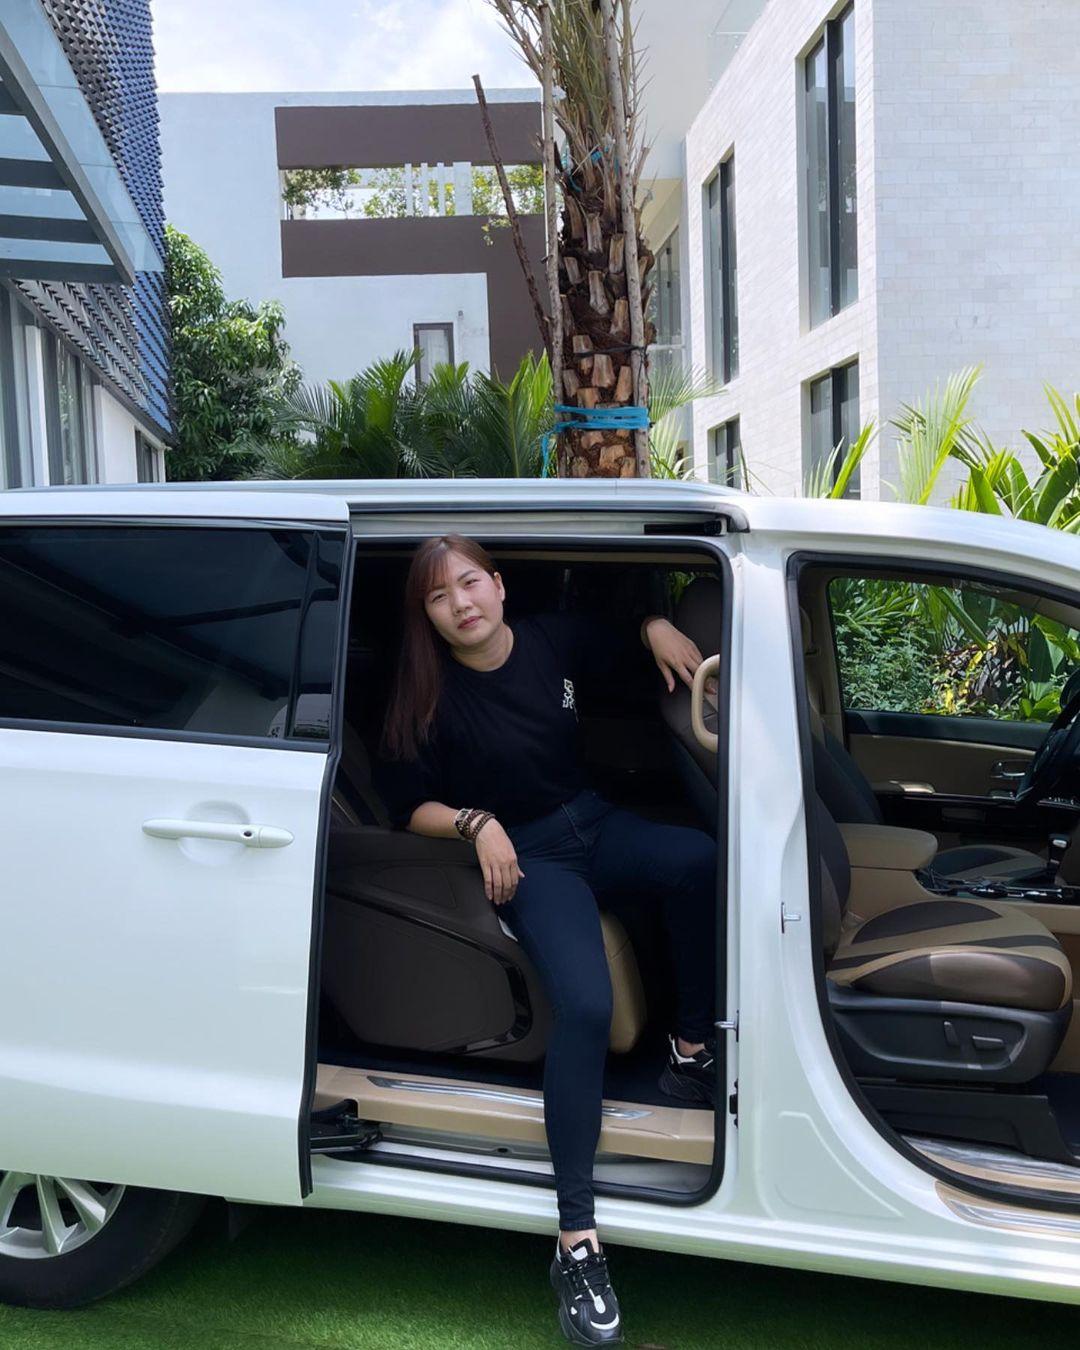 Showbiz Việt có ai chơi lớn như Ngọc Trinh: Tặng trợ lý xe hơi tiền tỷ, nhìn Thúy Kiều khoe ảnh mà ghen tị-4